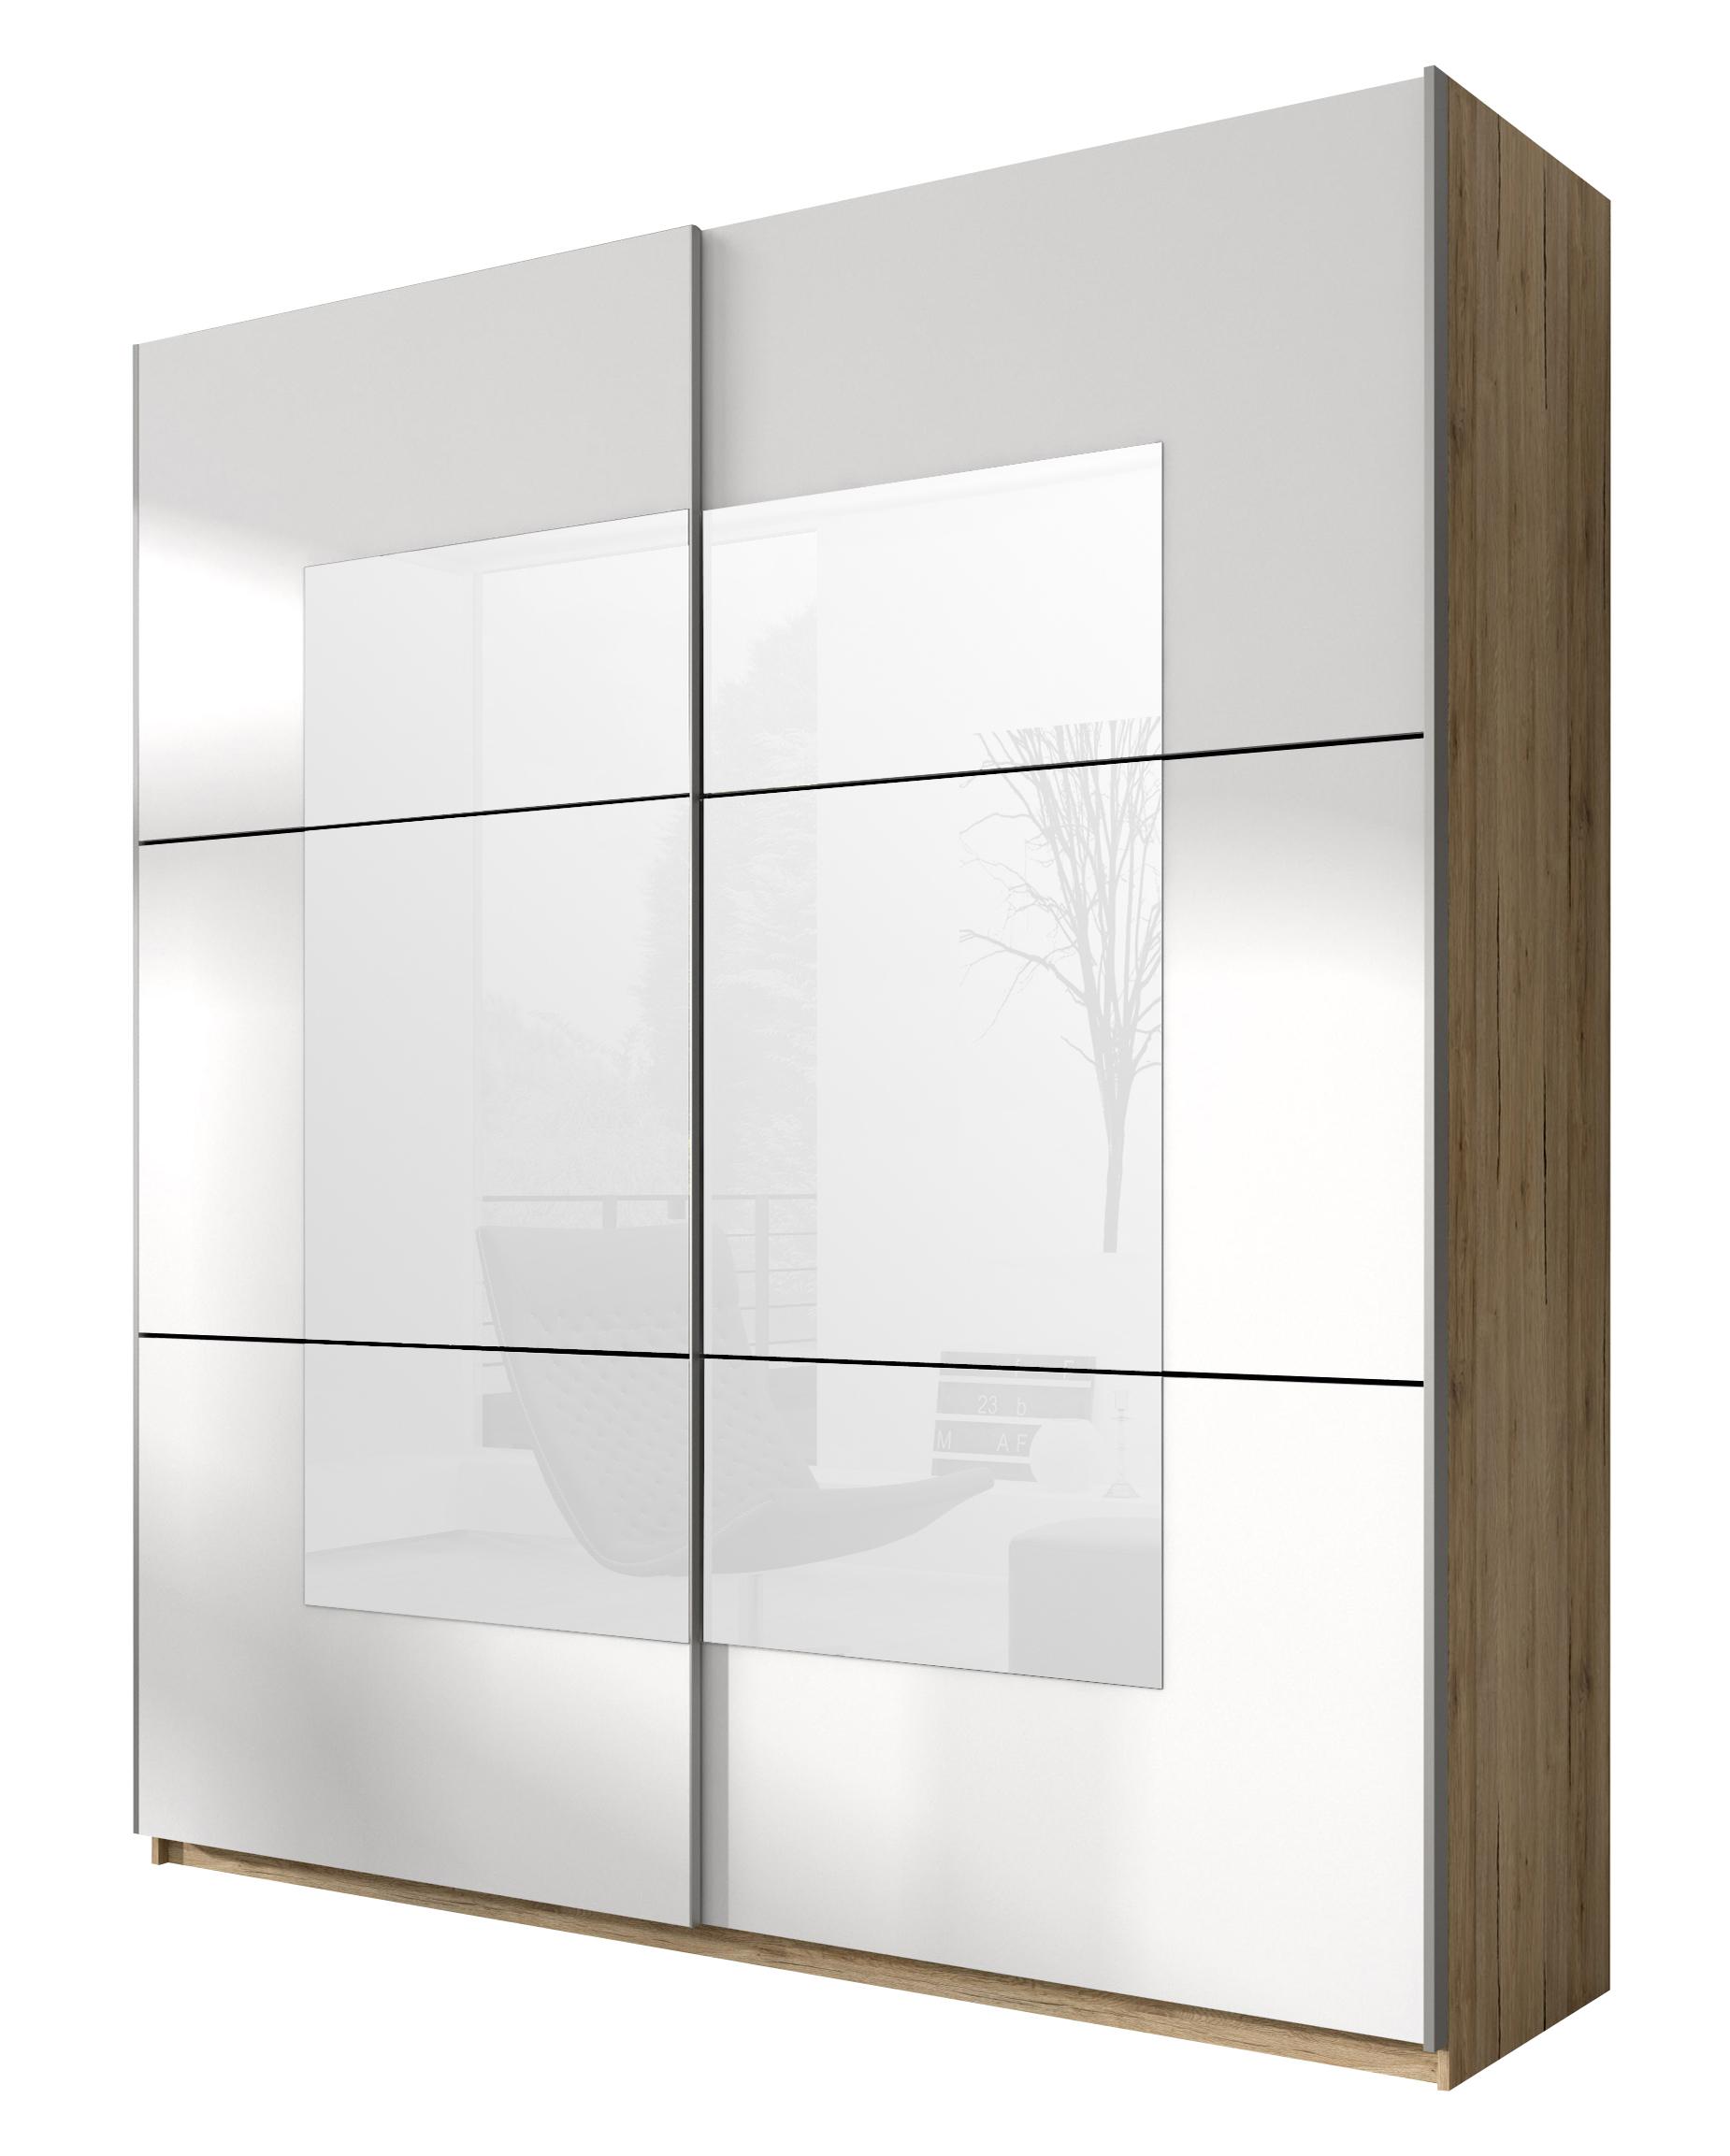 Šatní skříň - Benson - Typ 56 (san remo světlý + bílá + zrcadlo)